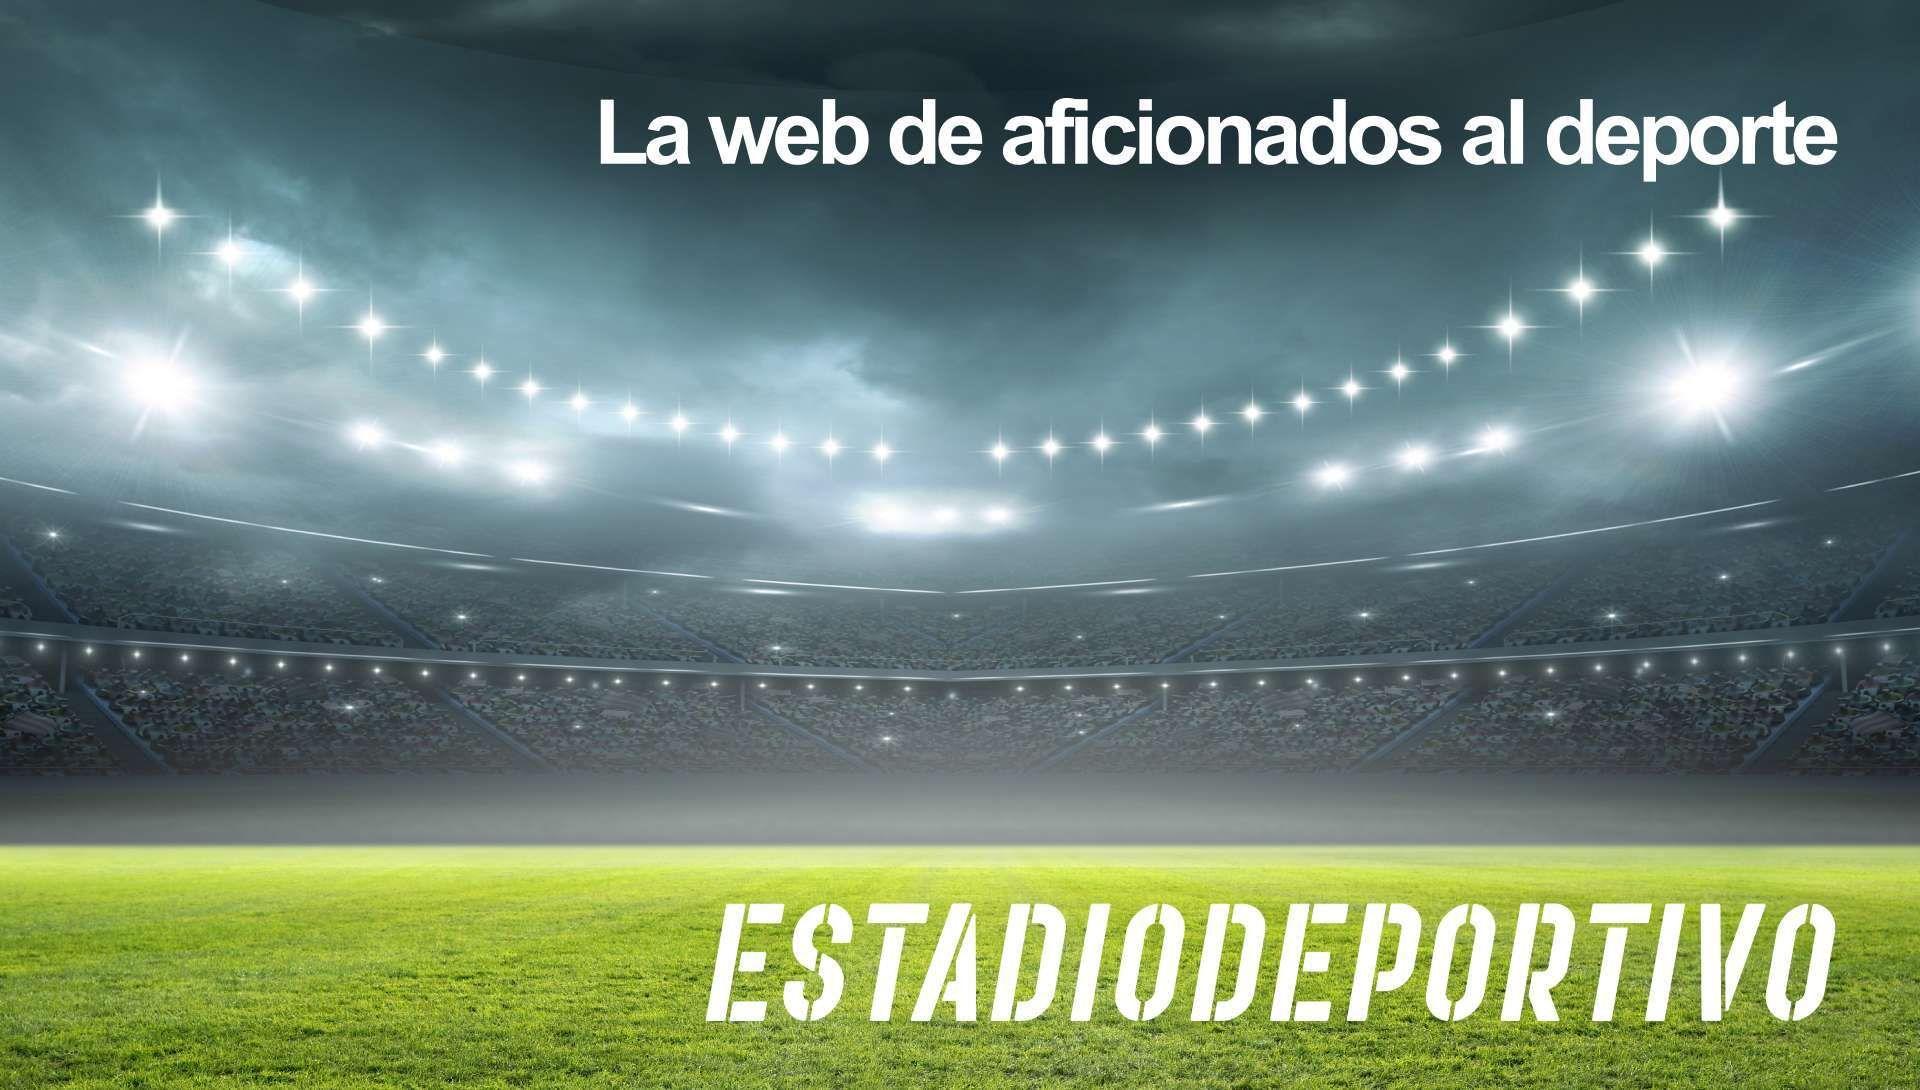 Las portadas de la prensa deportiva hoy 26 de marzo 2020